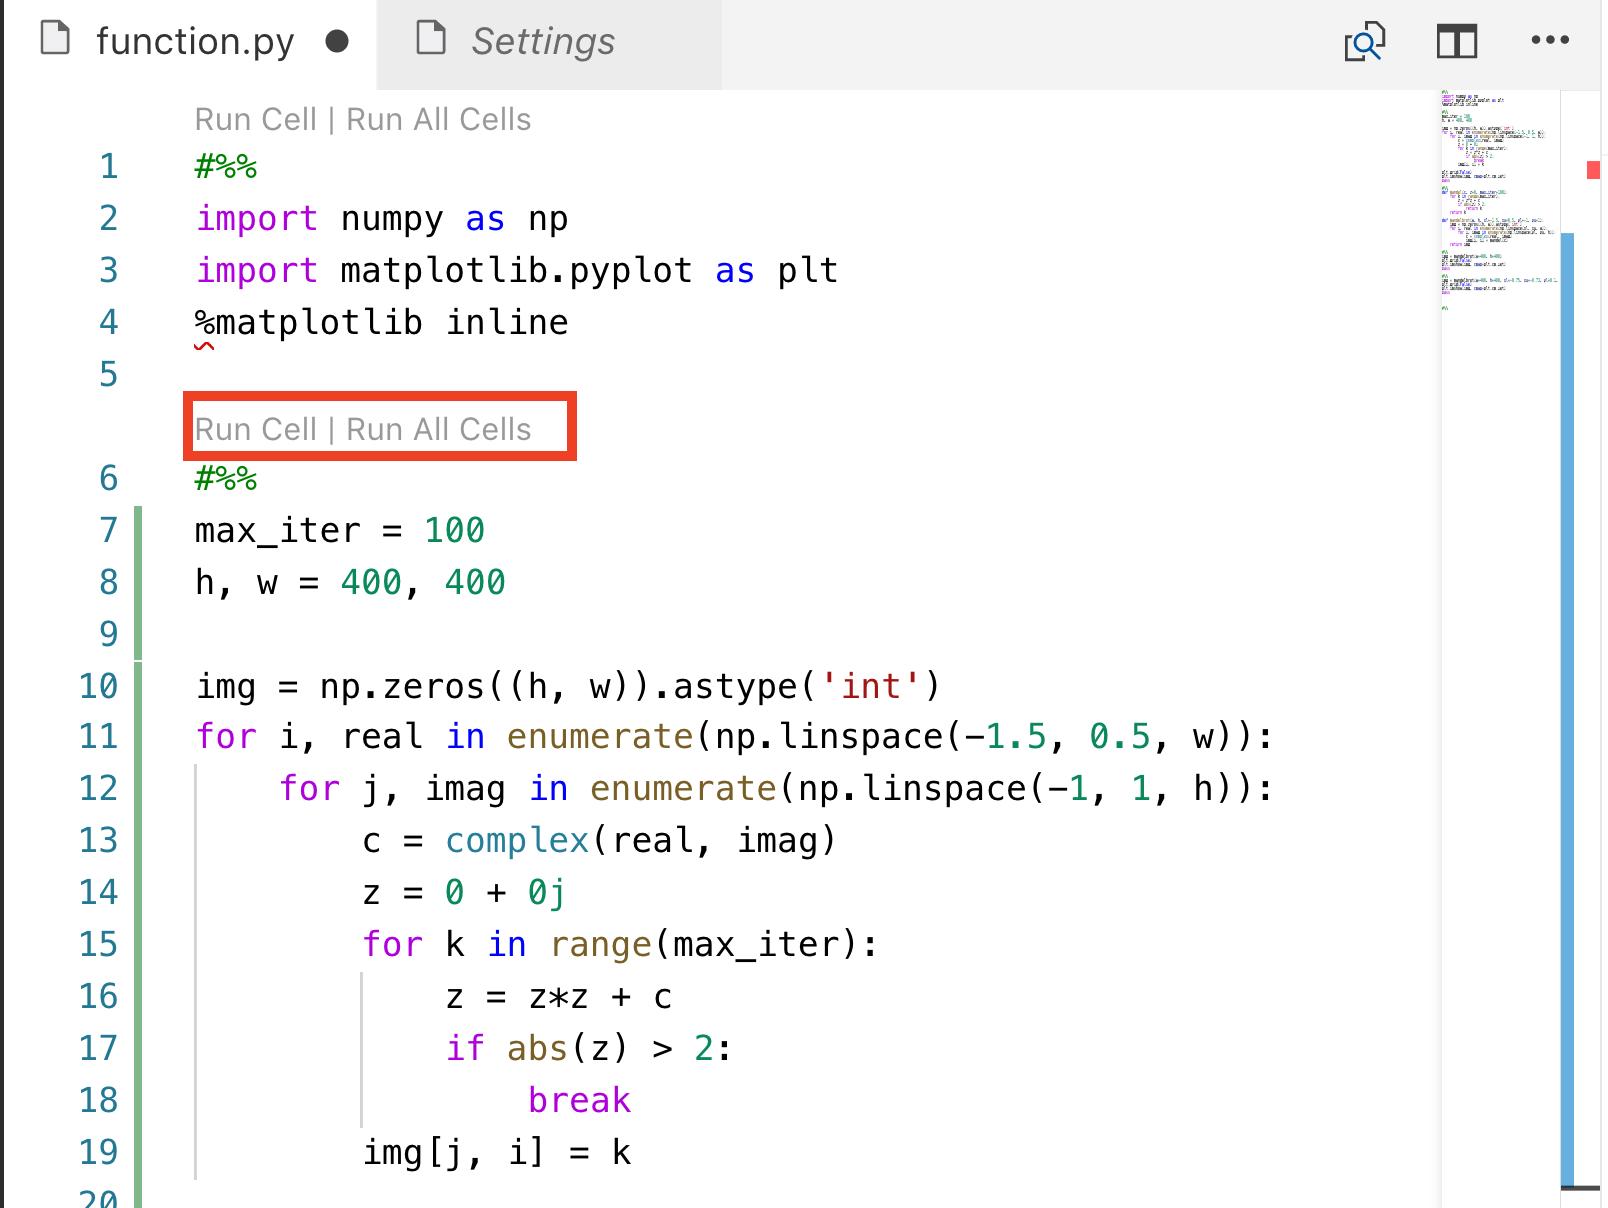 """위 그림의 빨간색 박스에서 """"Run Call""""은 해당 매직 코멘트 블록을 실행하라는 의미다. Jupyter 내에서 한 블록으로 이해하면 된다. pylint의 작동원리는 해당 코멘트를 Jupyter로 넘겨 실행한 후 이를 받아서 다시 VSC 내에 뿌려준다."""